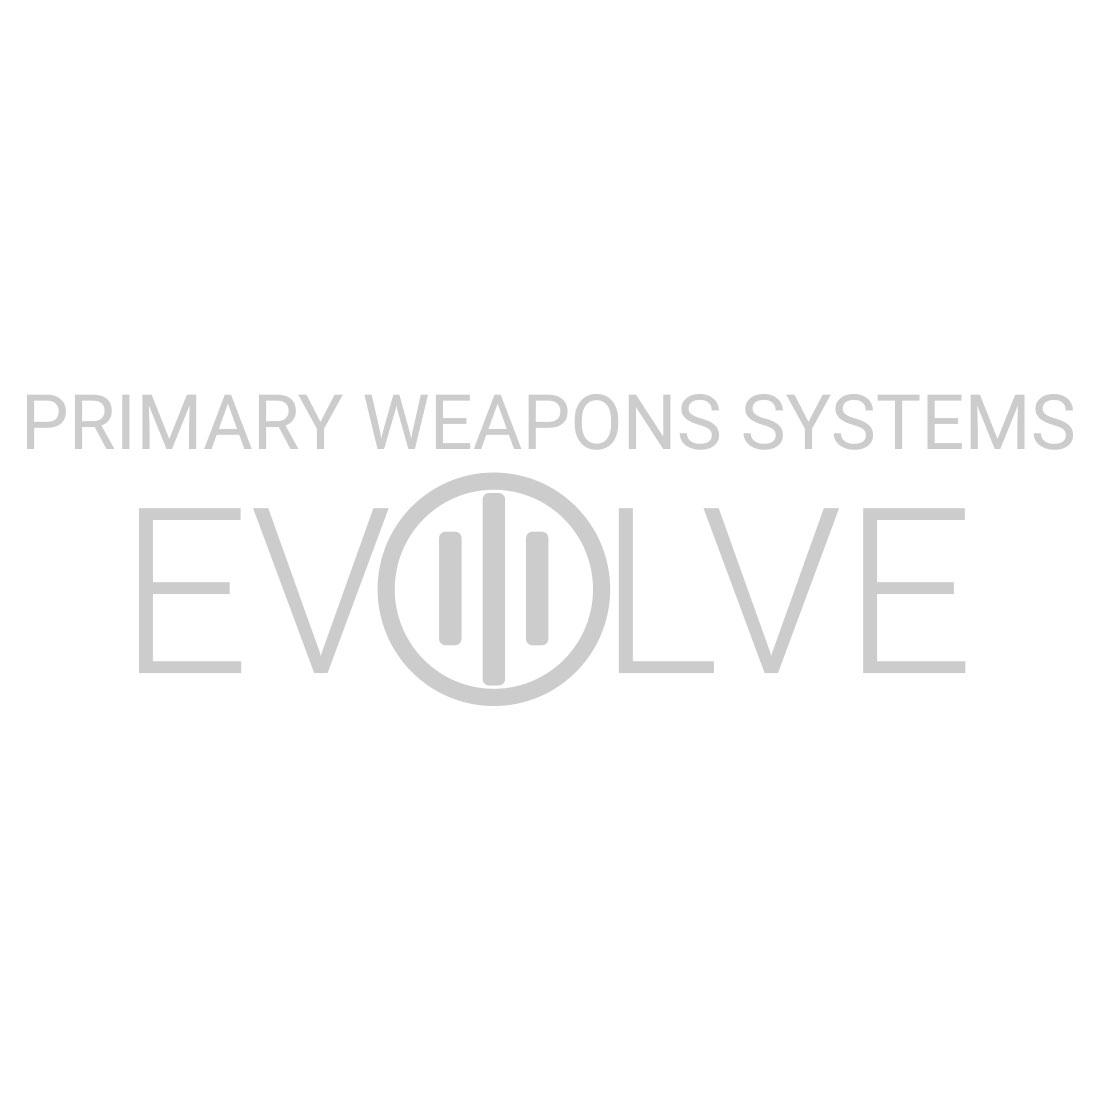 MK116 MOD 1-M Rifle .223 Wylde